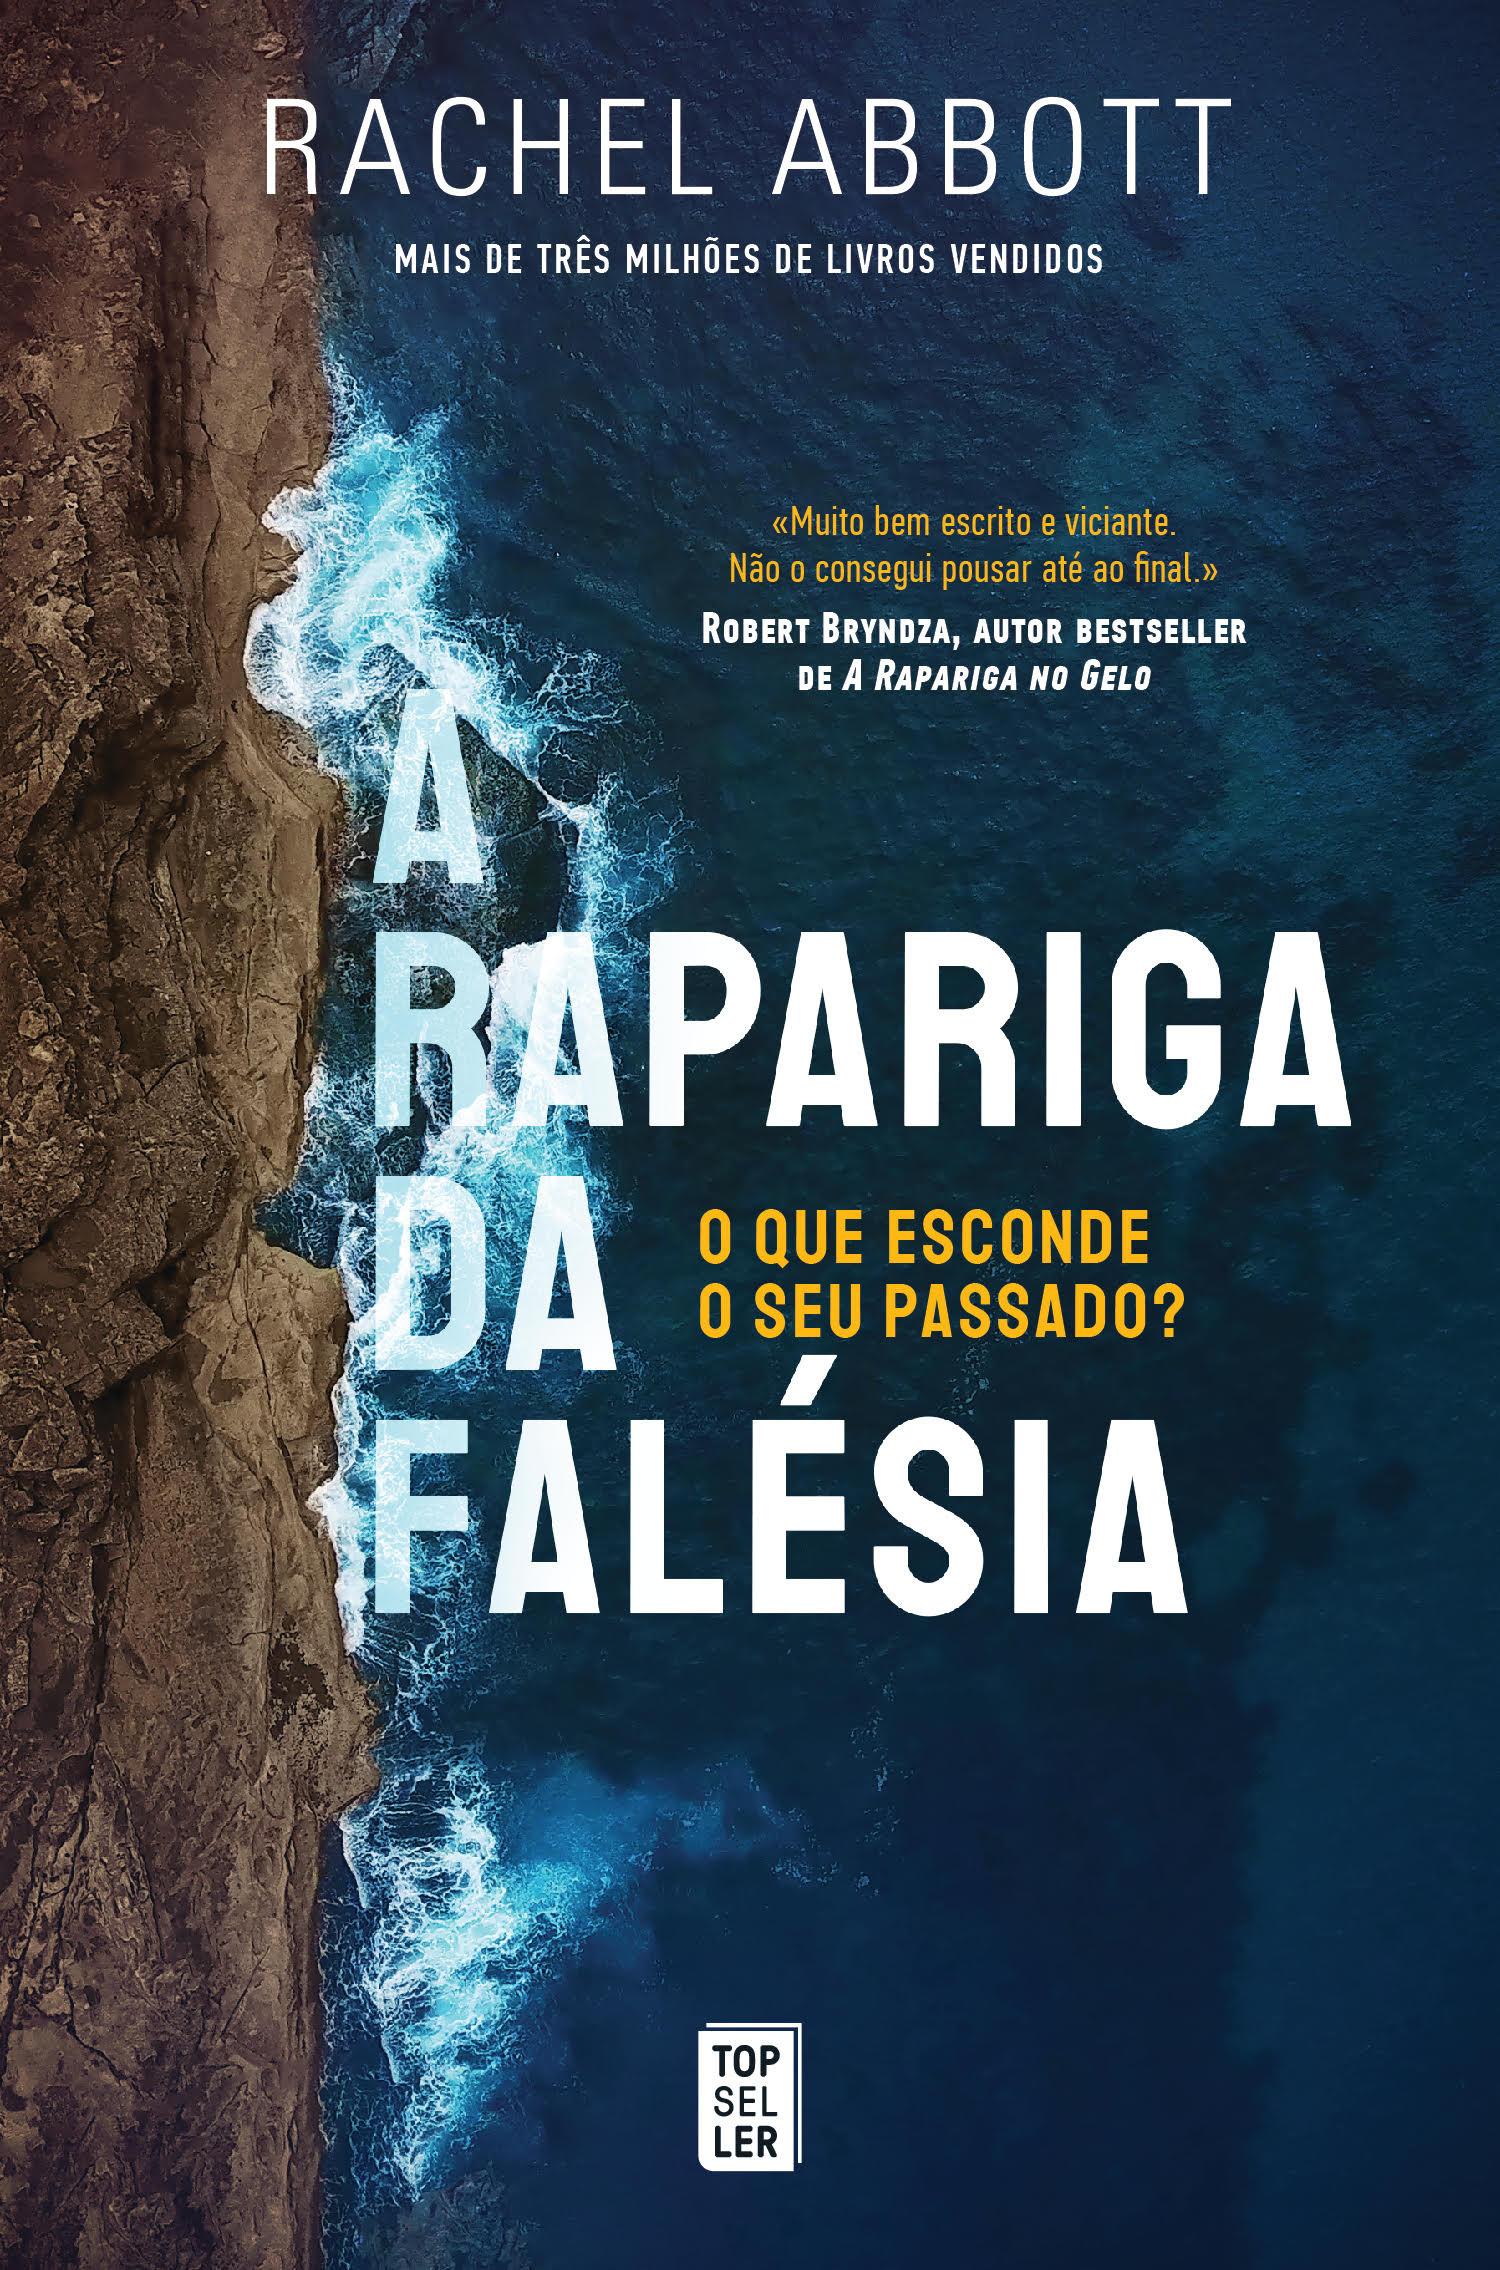 """'A Rapariga da Falésia', uma história """"perturbadora"""" e """"inquietante"""""""